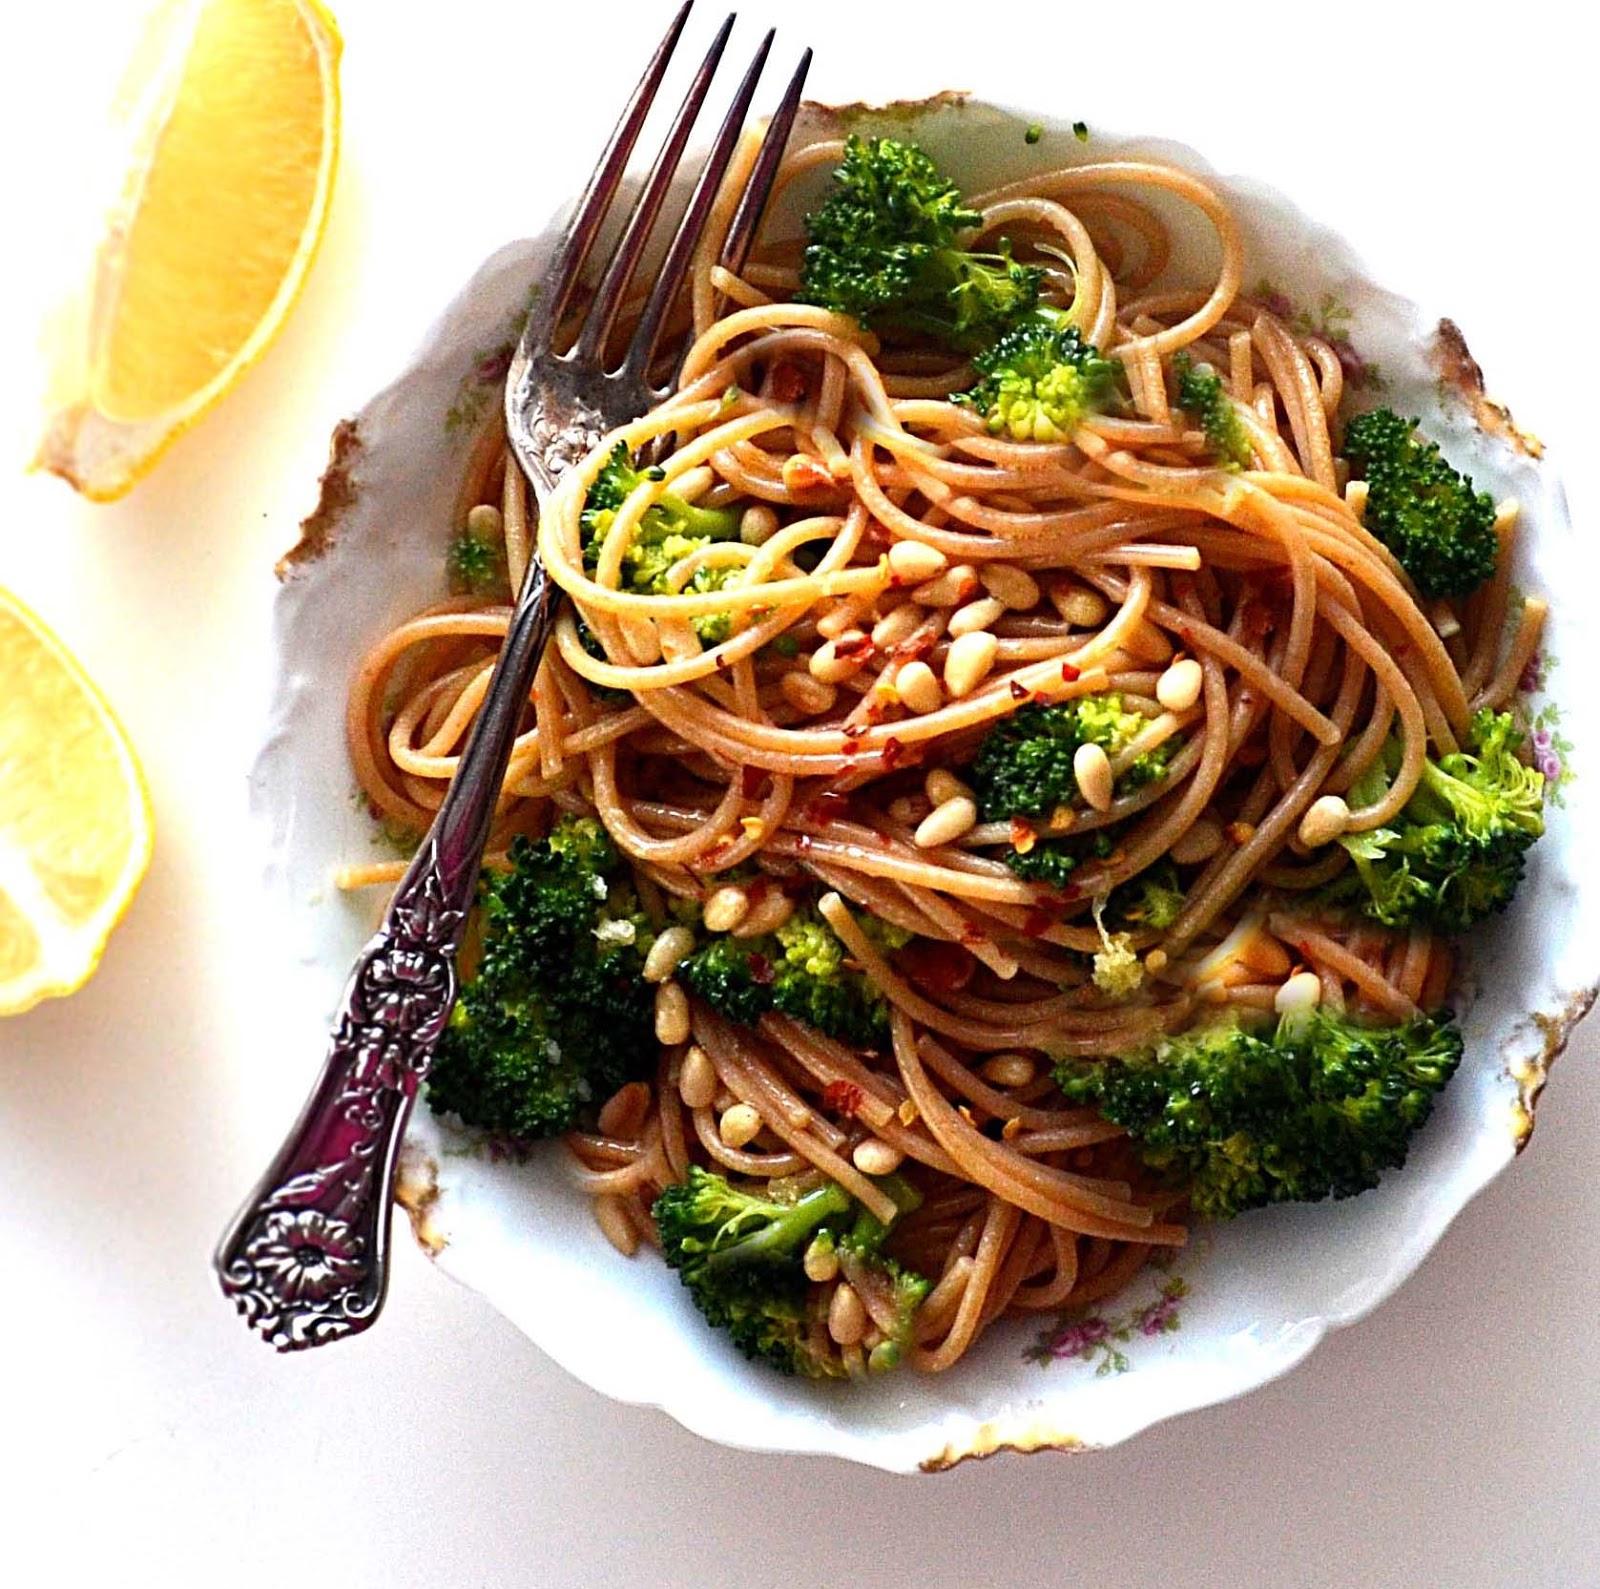 Wheat pasta ingredients